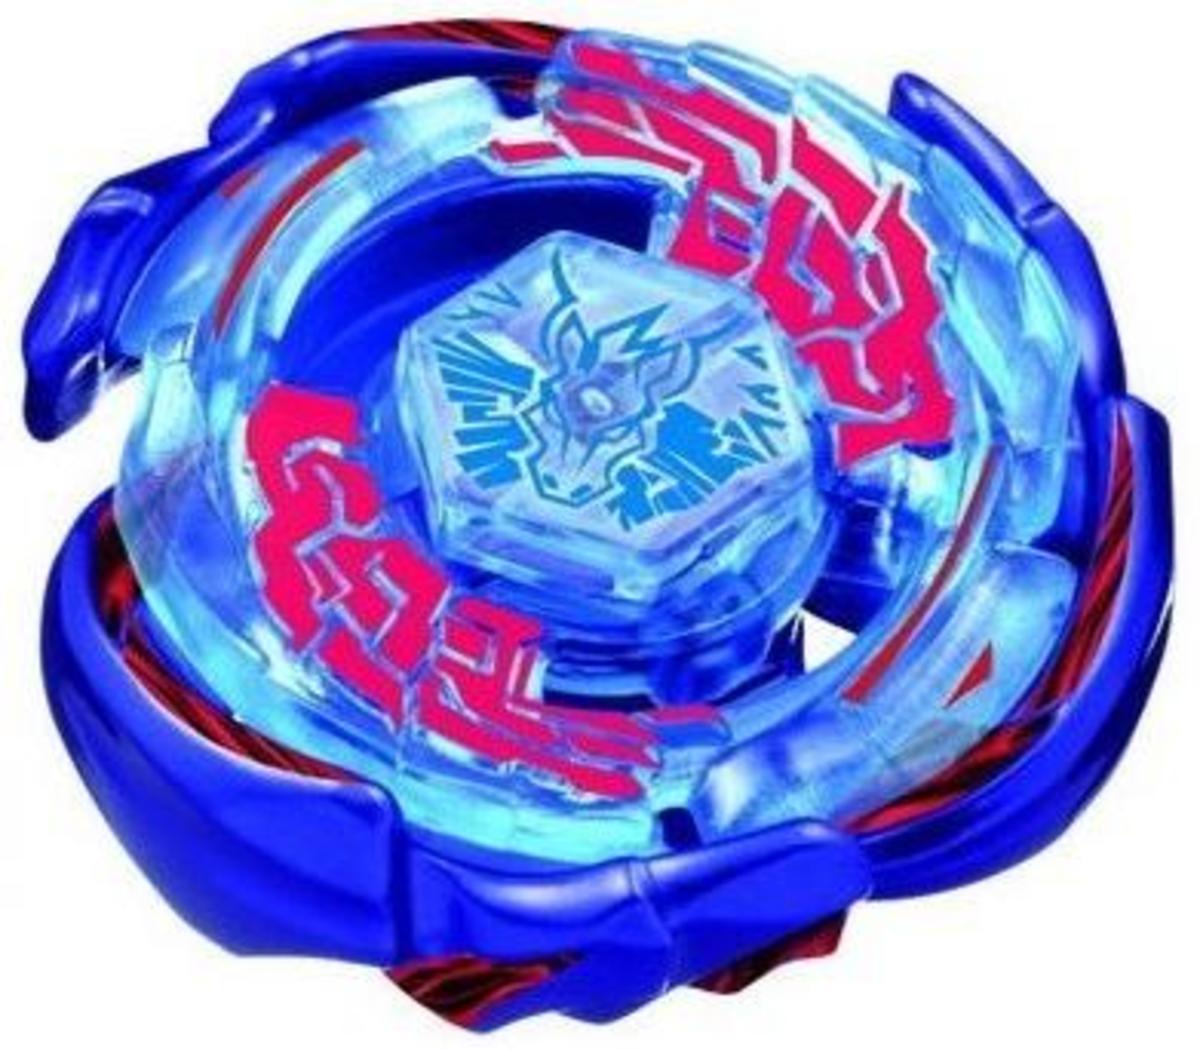 Pegasis Beyblade: Galaxy Pegasis, Cyber Pegasis & Pegasus Beyblades Toys